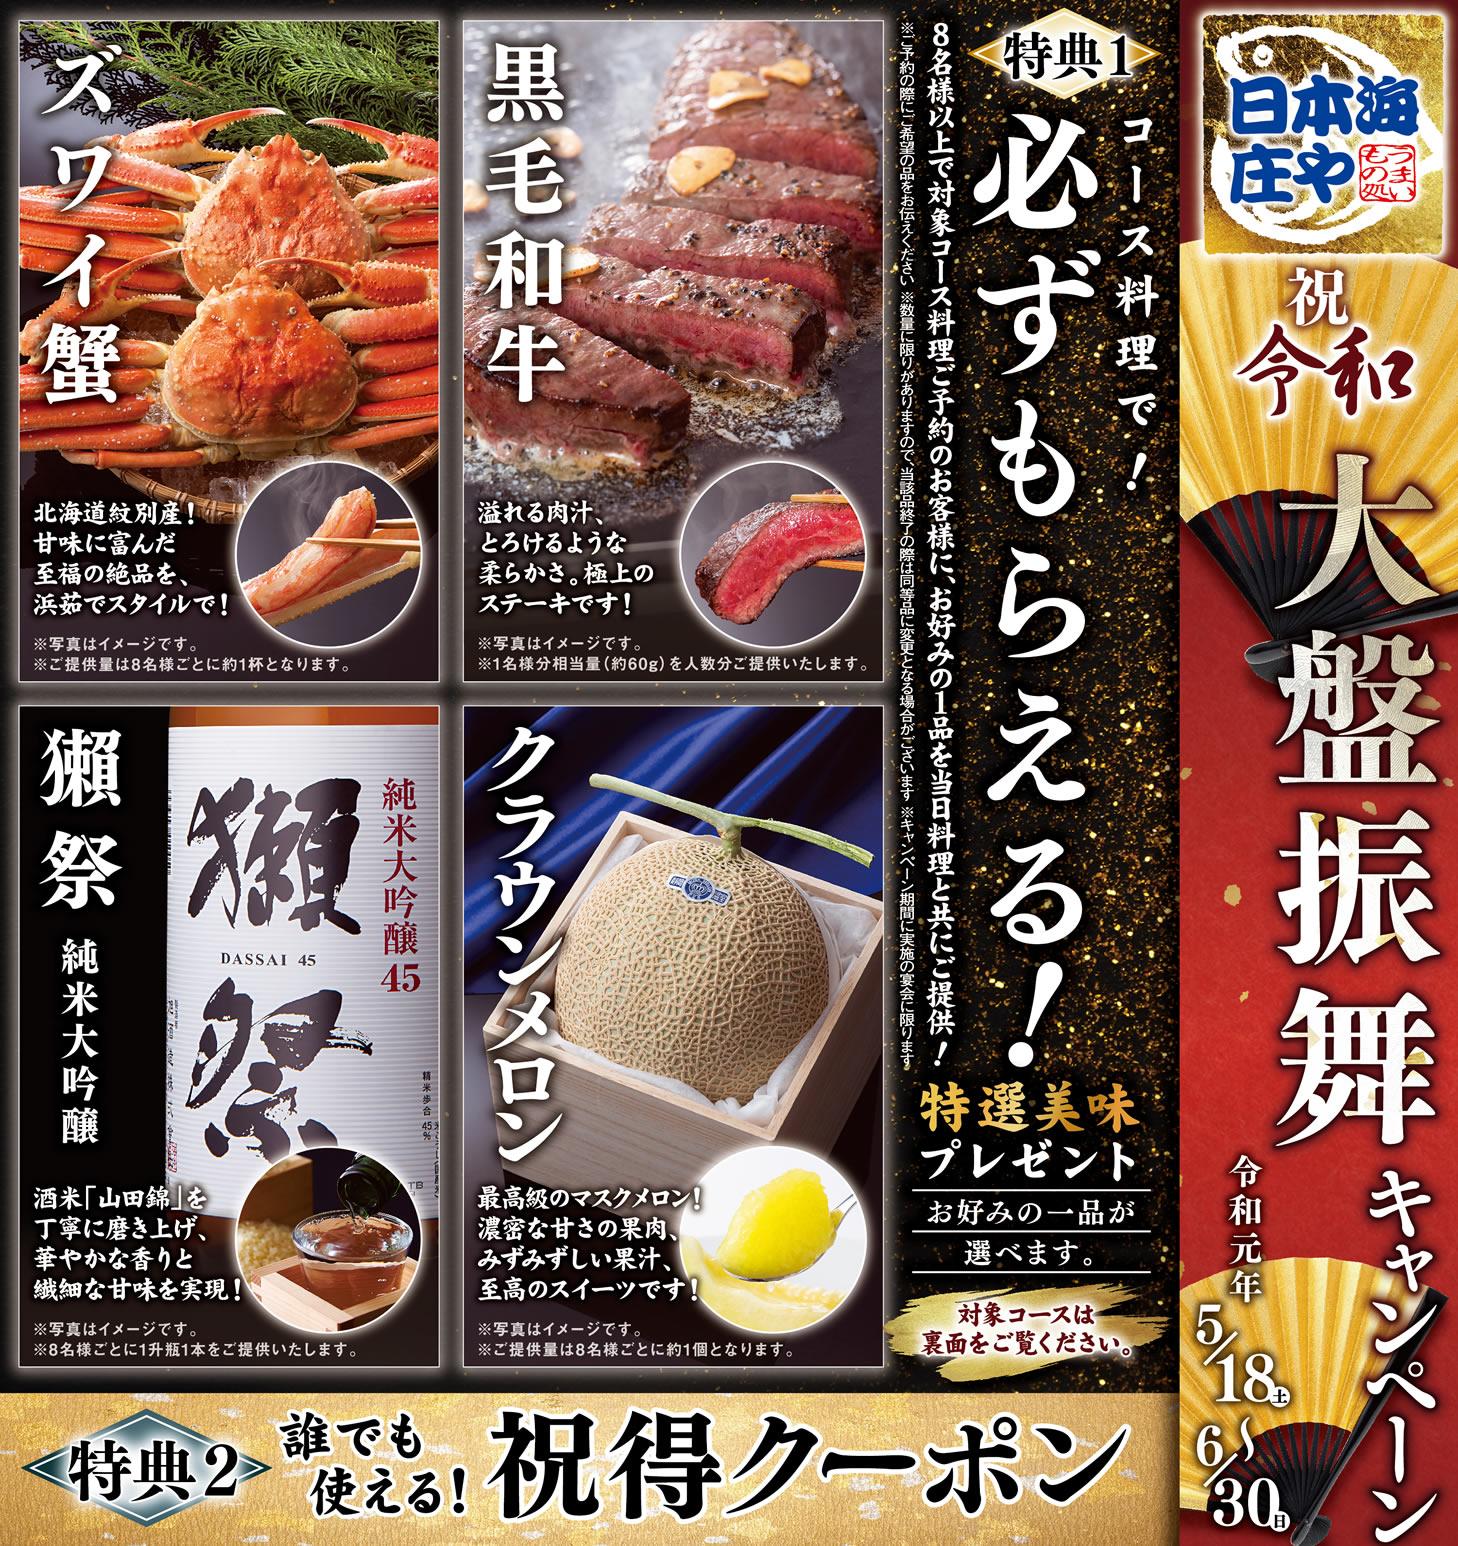 【日本海庄や】新元号「令和」記念! 大盤振舞キャンペーン!!